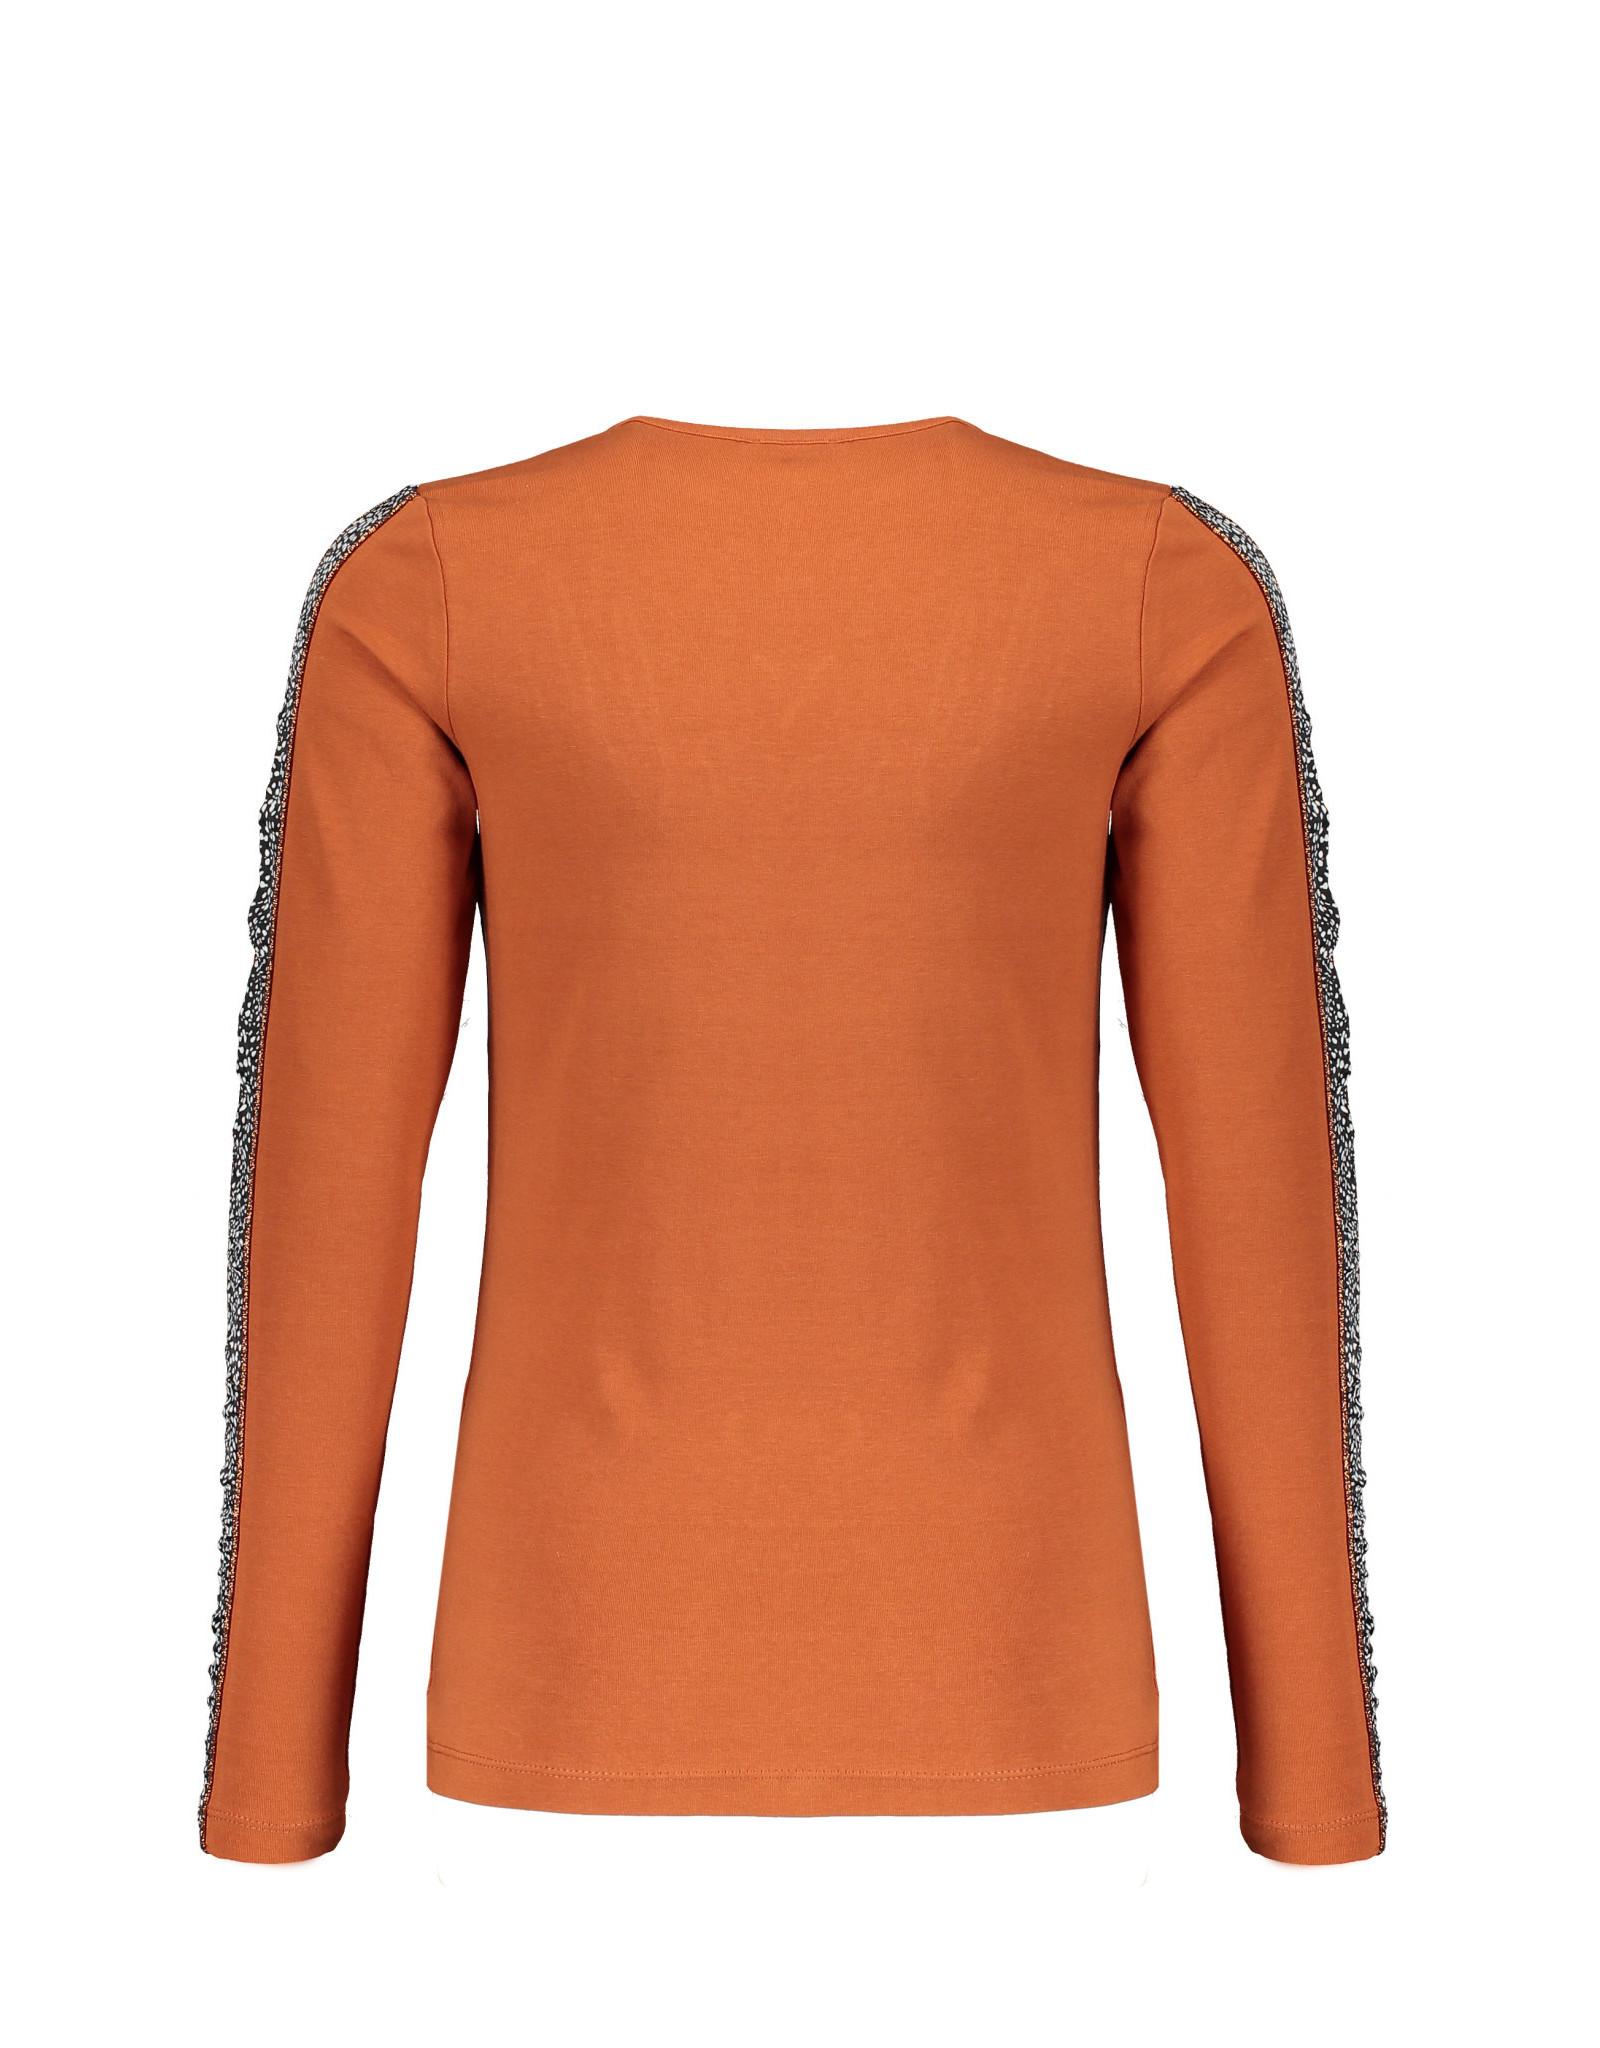 NoBell meiden shirt Kanel Chestnut